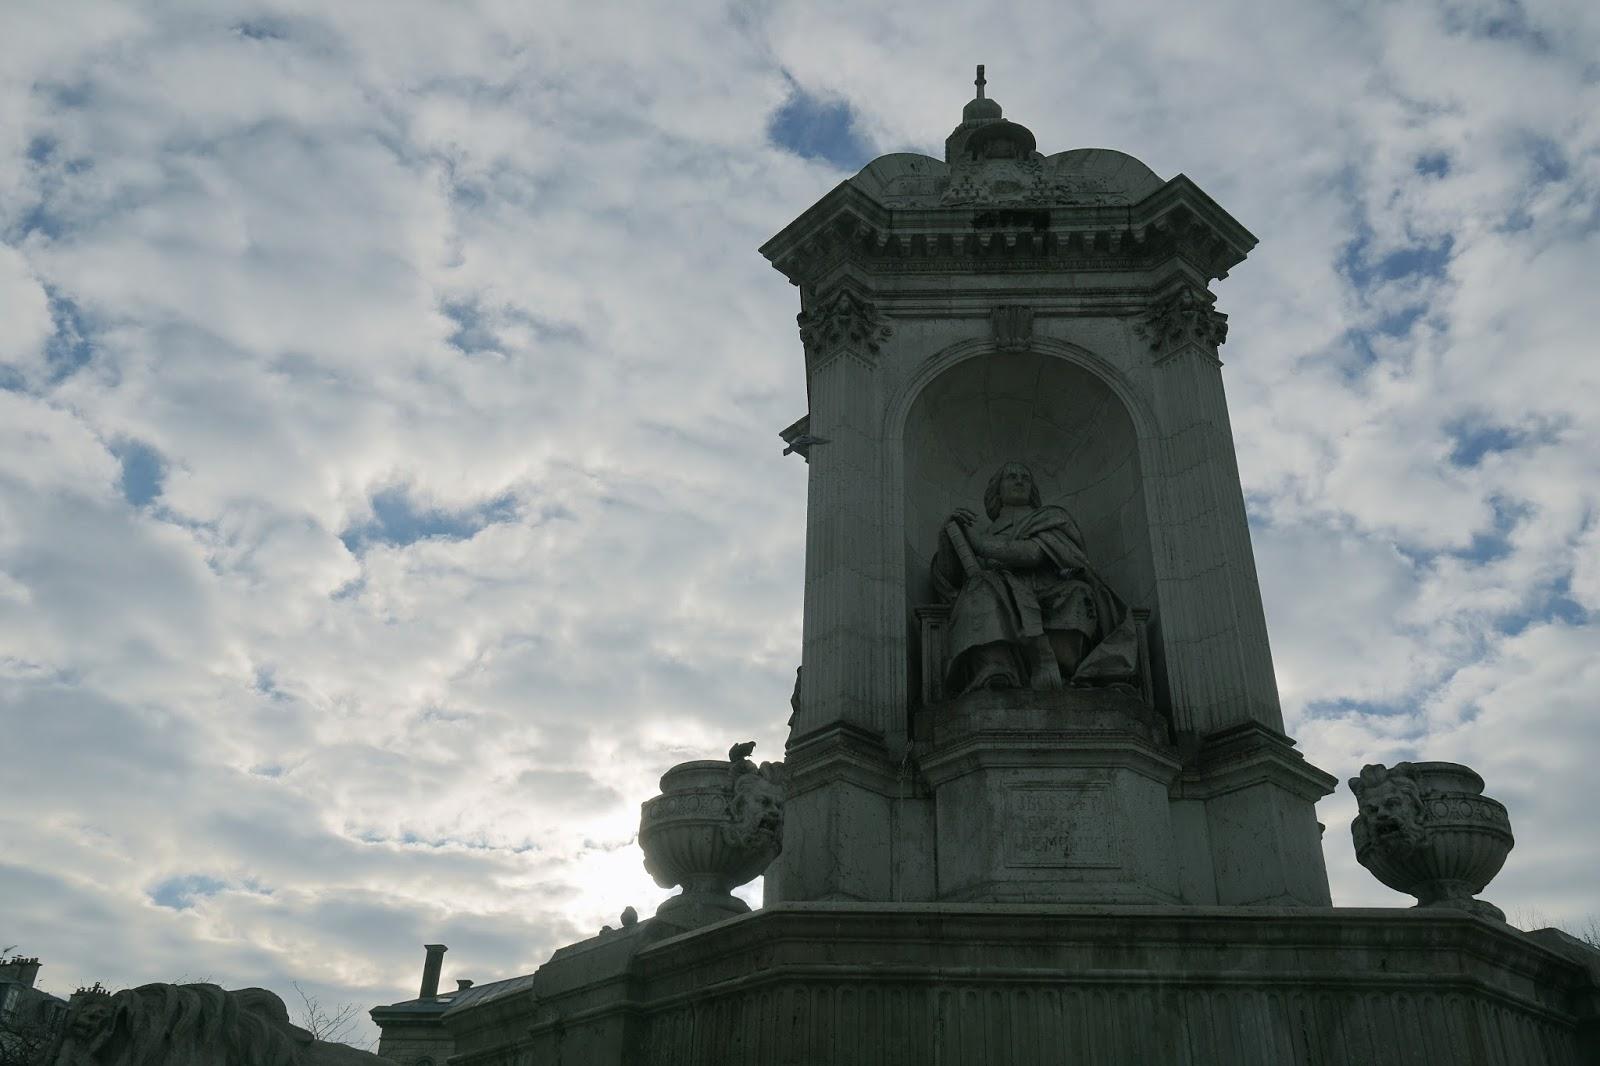 サン=シュルピス教会 (Église Saint-Sulpice) 4人の枢機卿の噴水